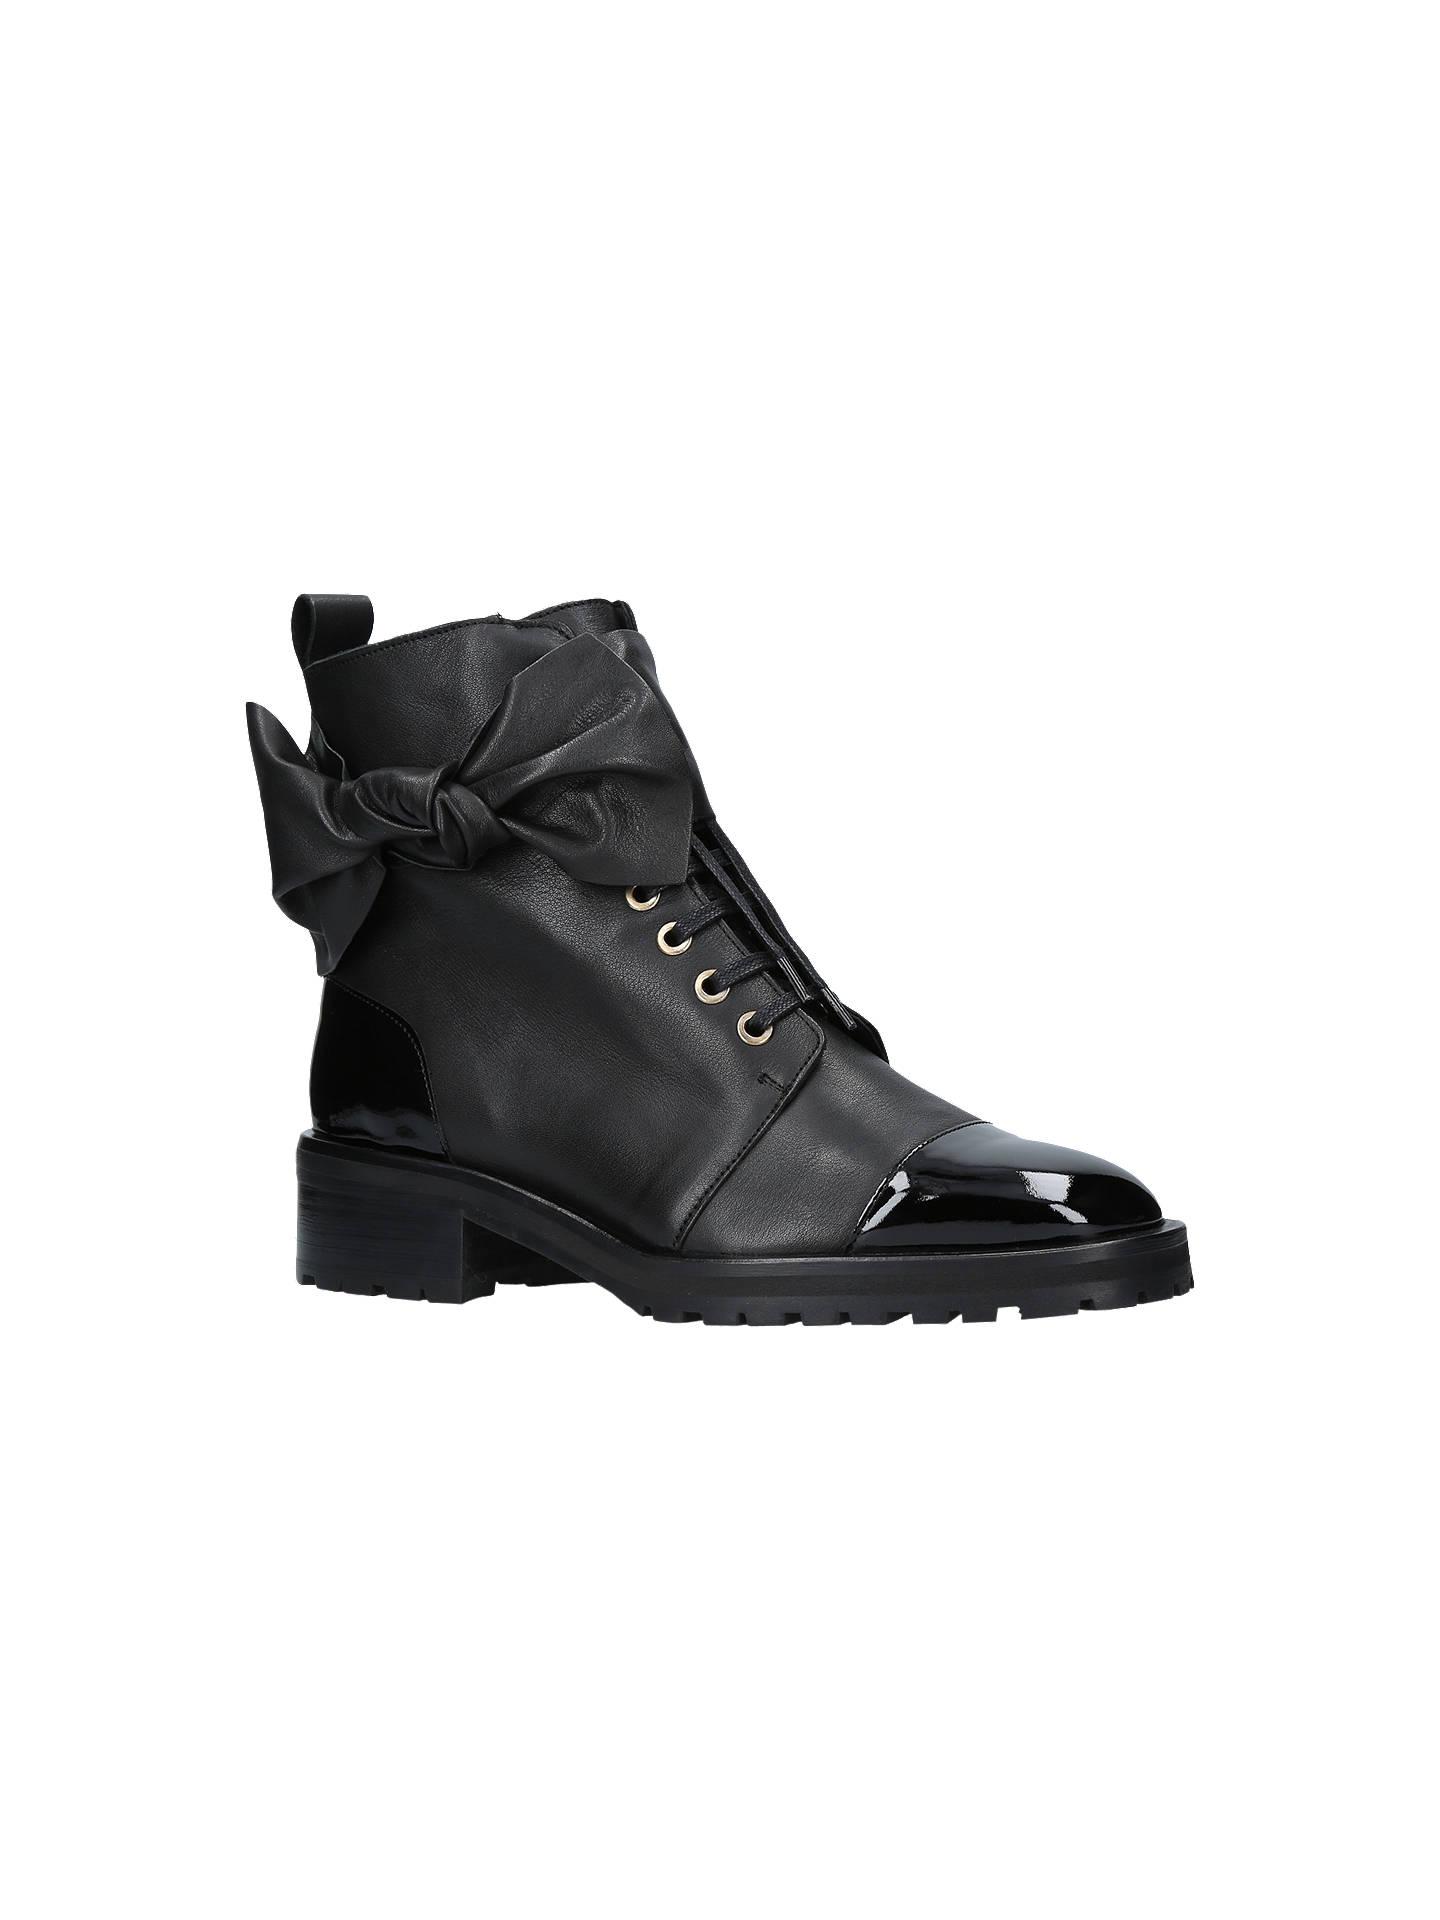 b8695e83e0d Buy Kurt Geiger London Daze Bow Trim Lace Up Ankle Boots